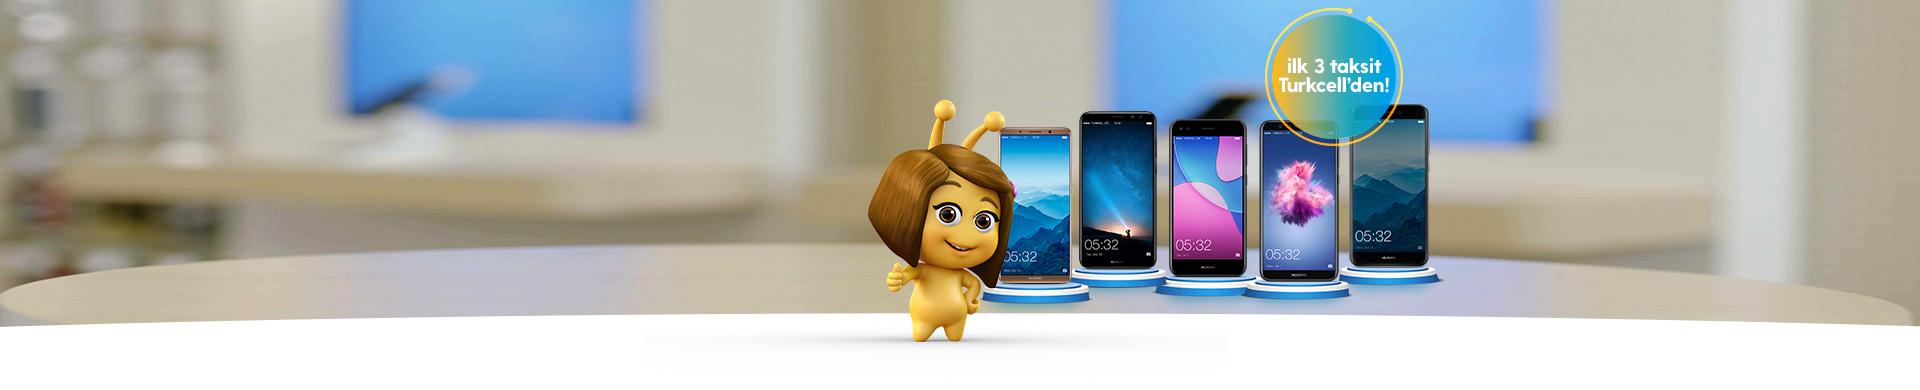 Bunlar Bulabileceğin En Güzel Huawei'ler